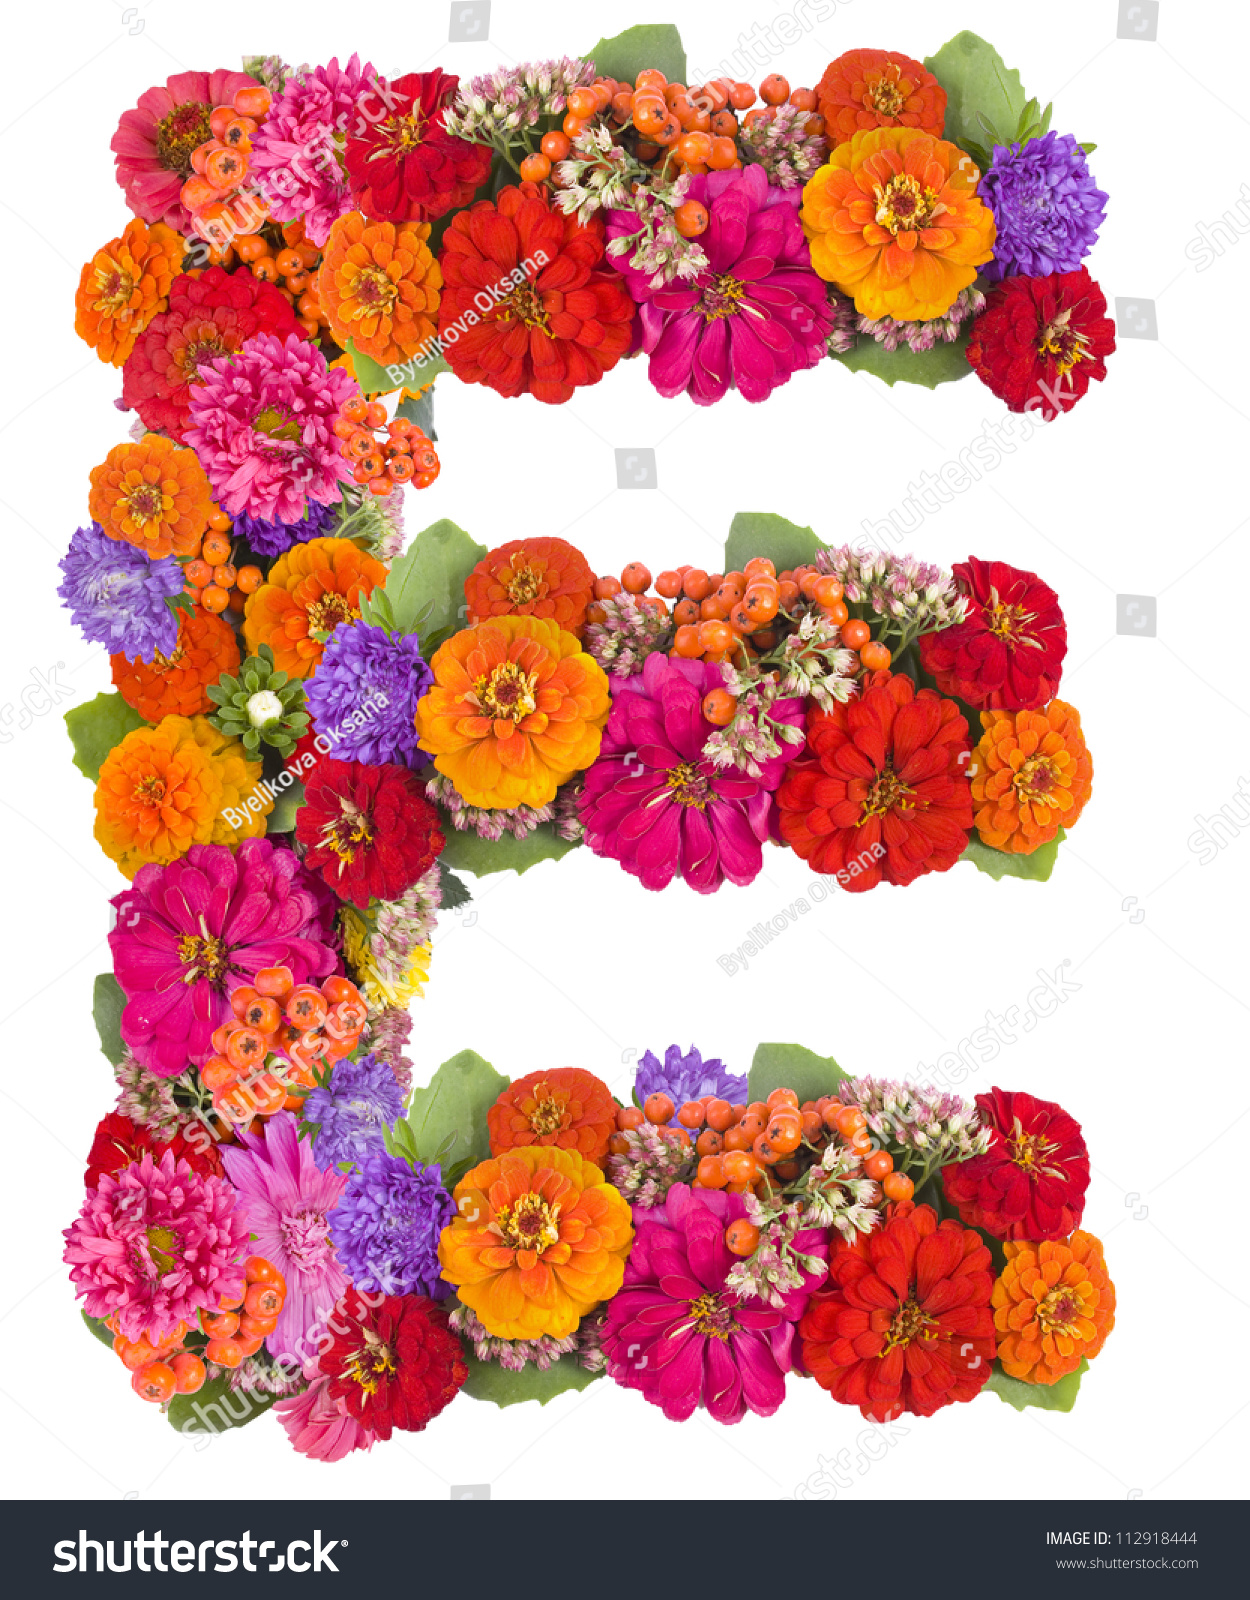 E flower alphabet isolated on white stock photo edit now 112918444 e flower alphabet isolated on white izmirmasajfo